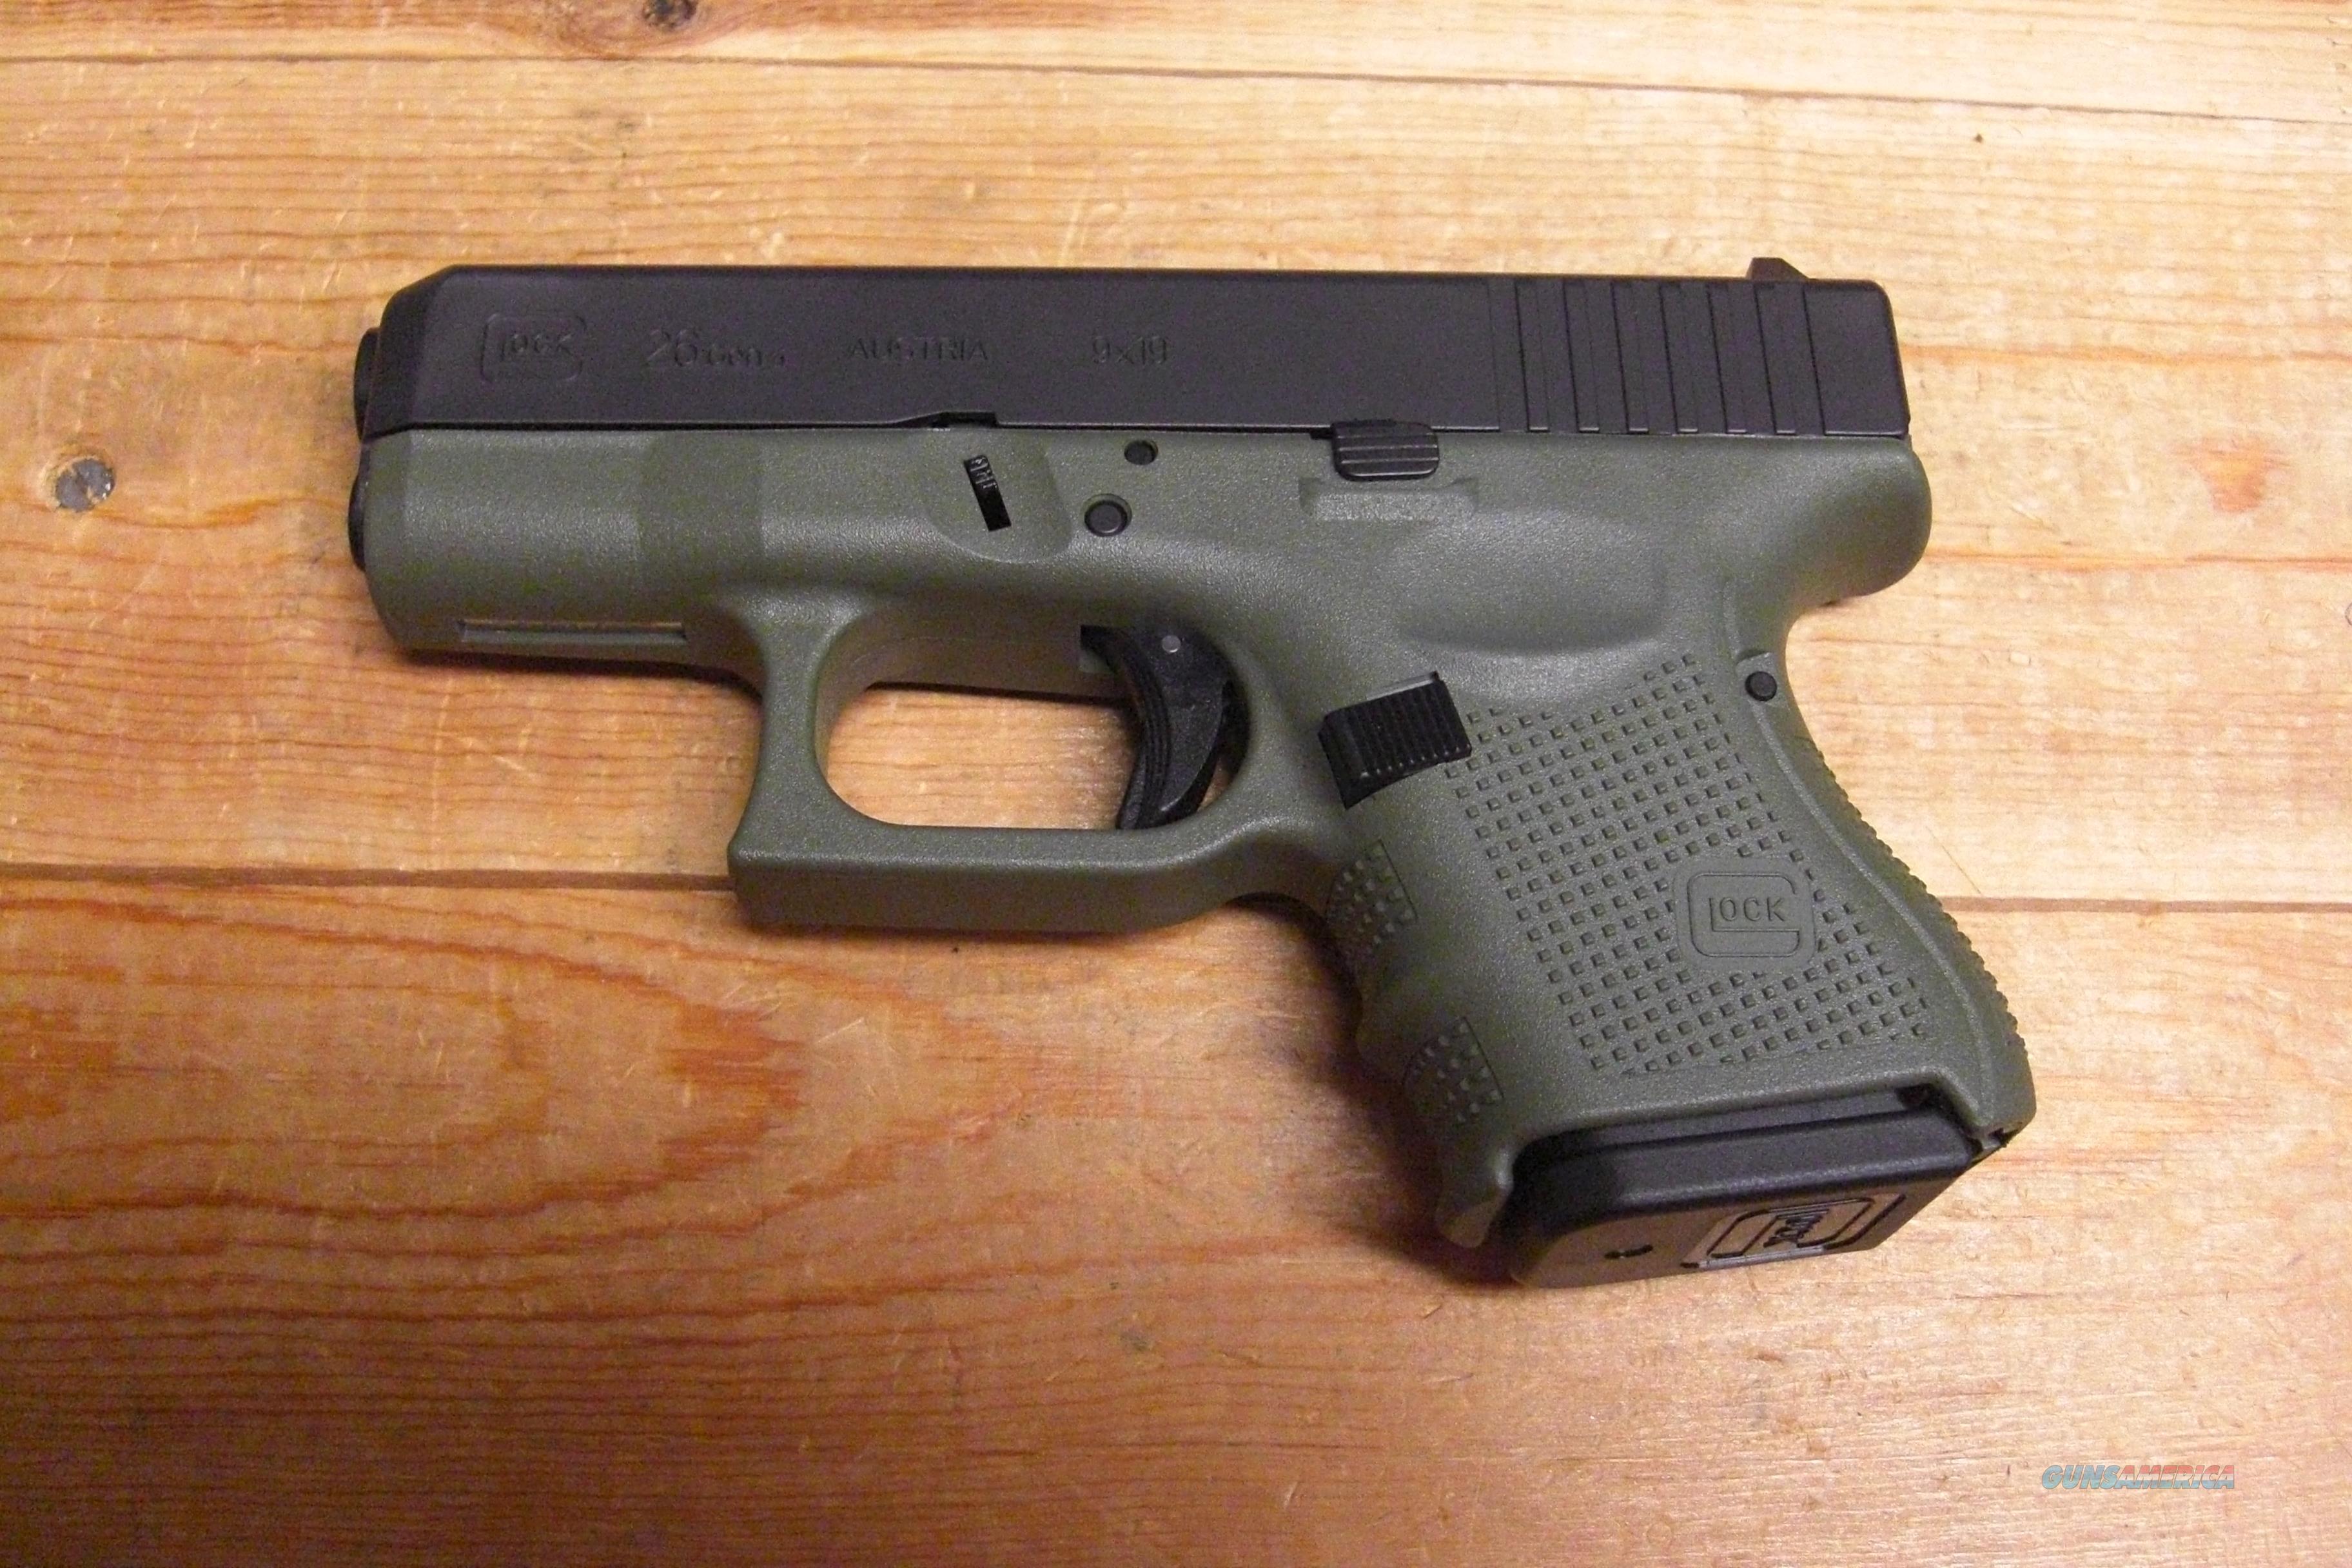 Glock 26 Gen 4 w/Battlefield green frame, three... for sale